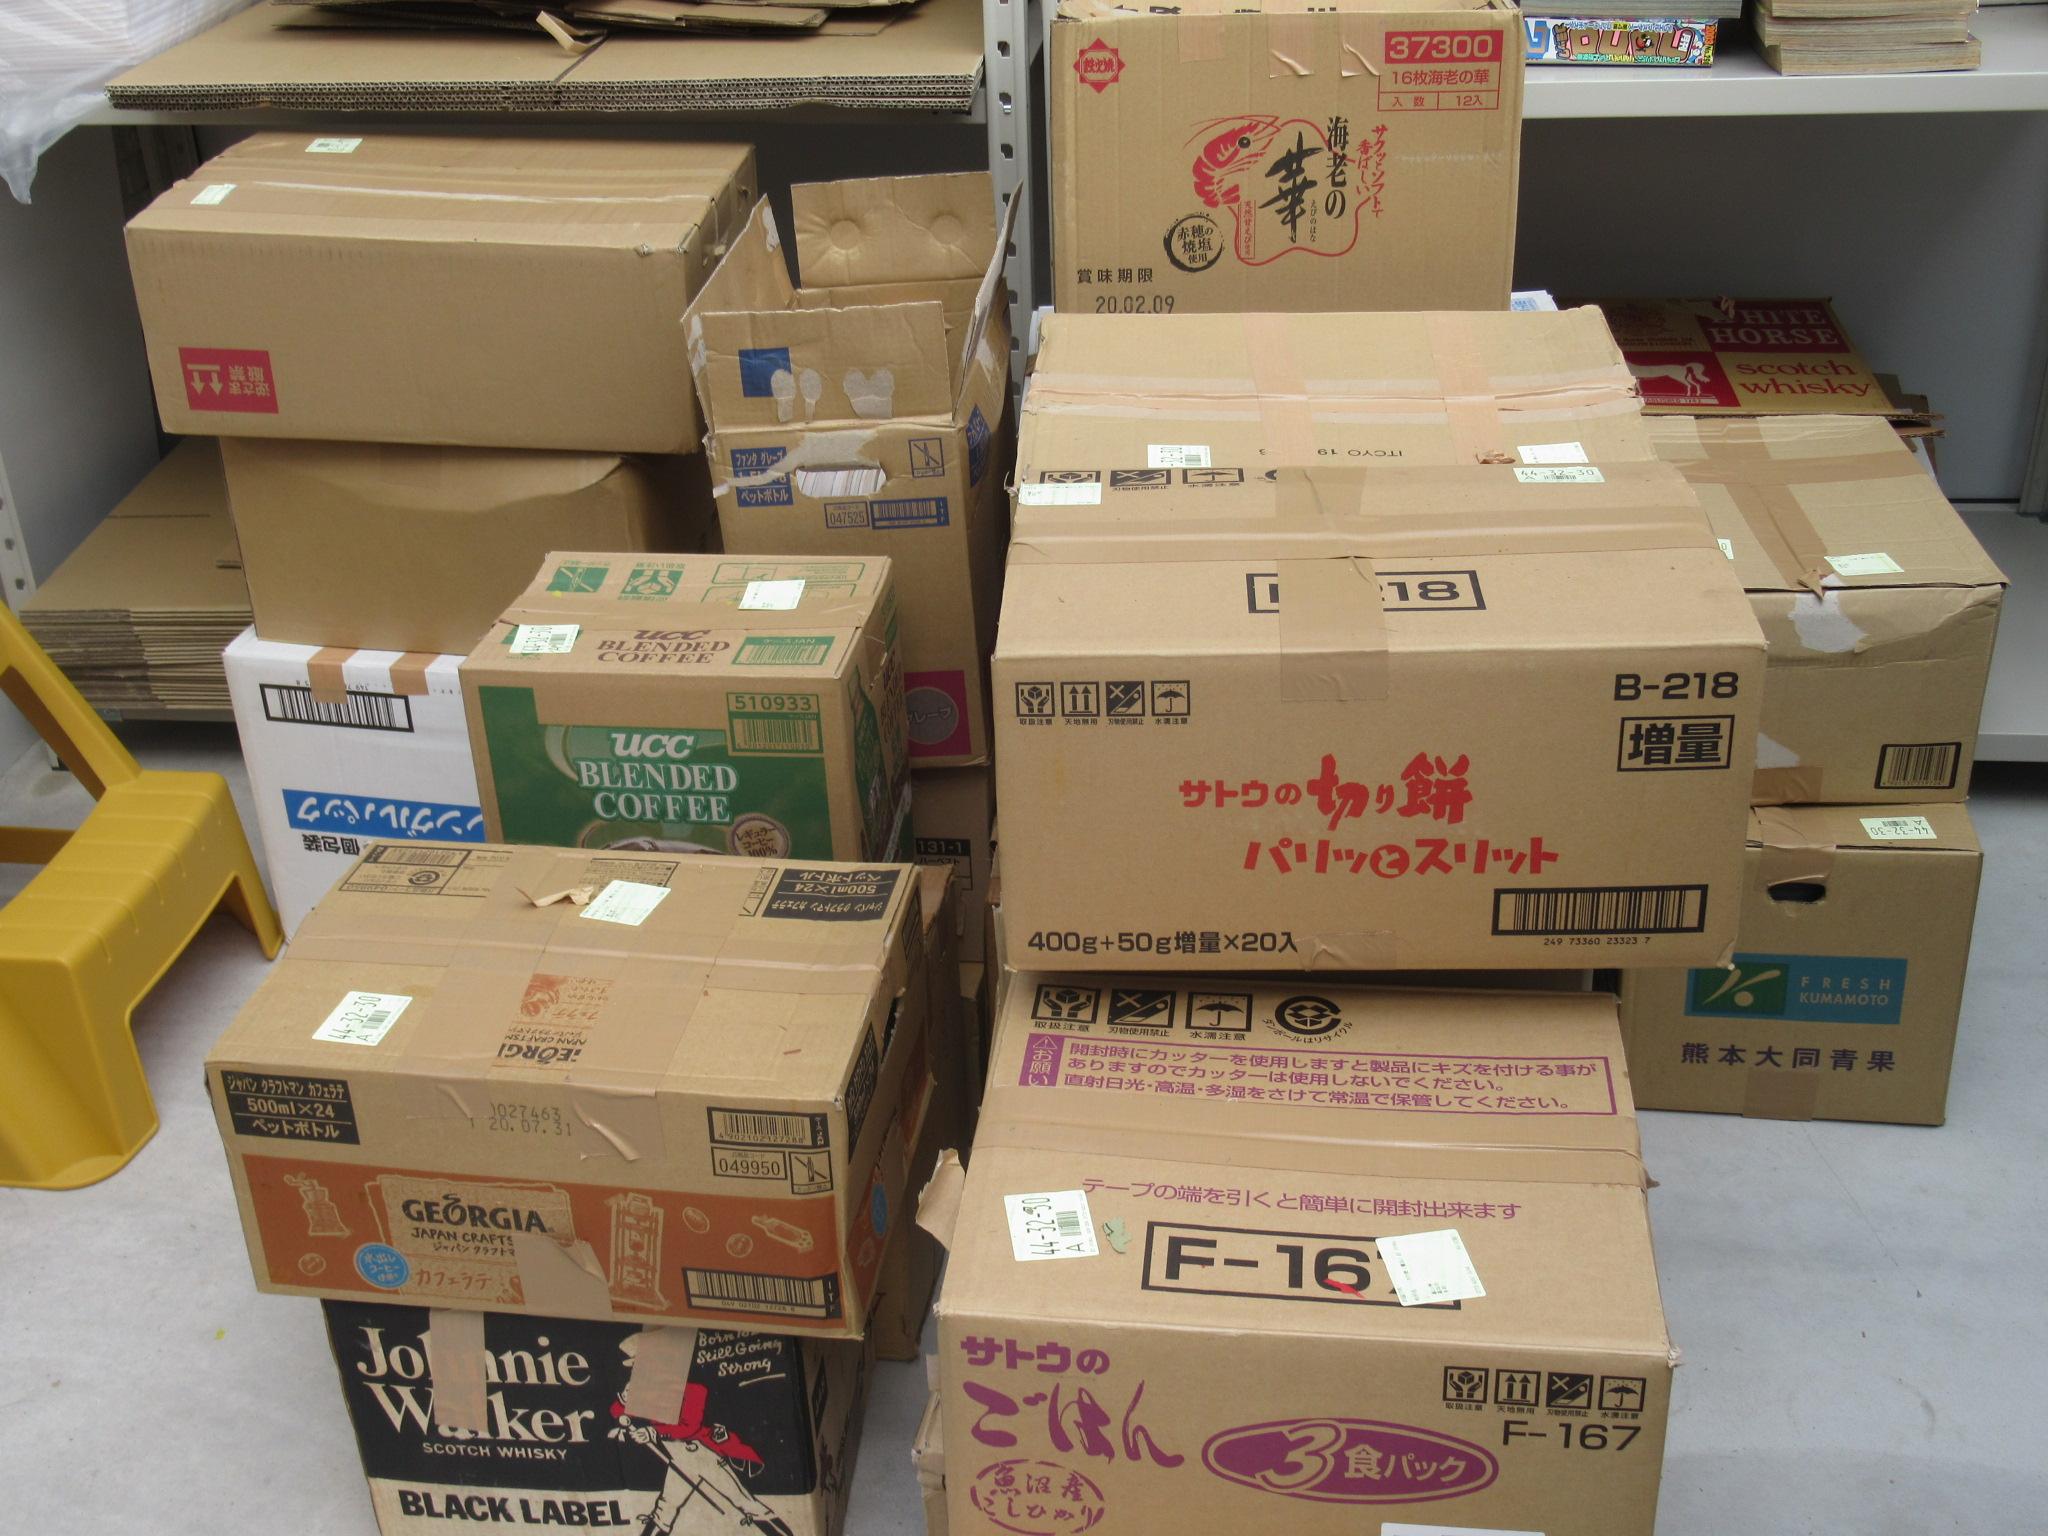 神奈川県宅配買取 令和元年11月  段ボール37箱分 送料着払い